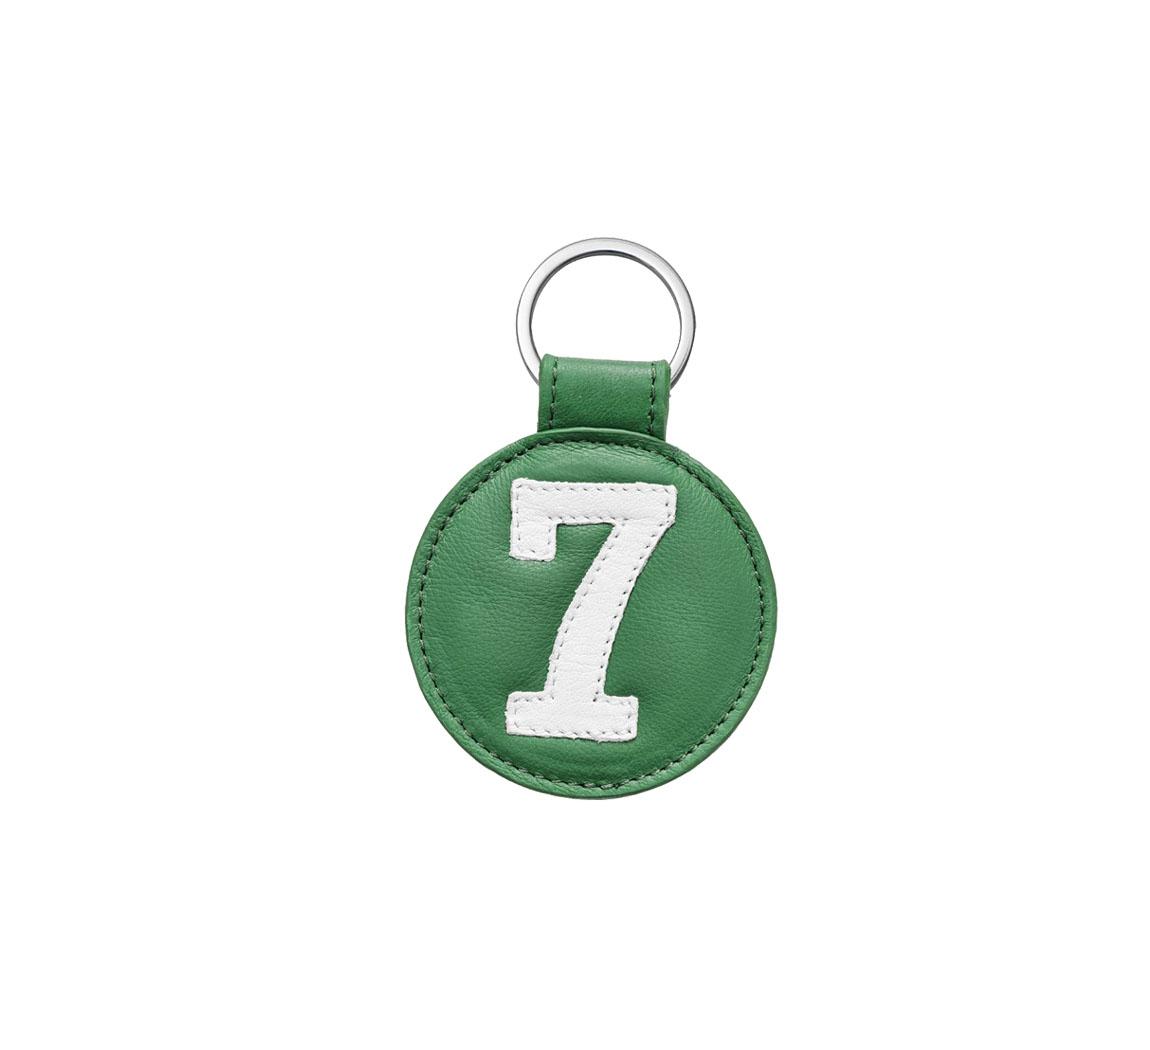 Porte clé en cuir Porte clés cuir Up cyclé